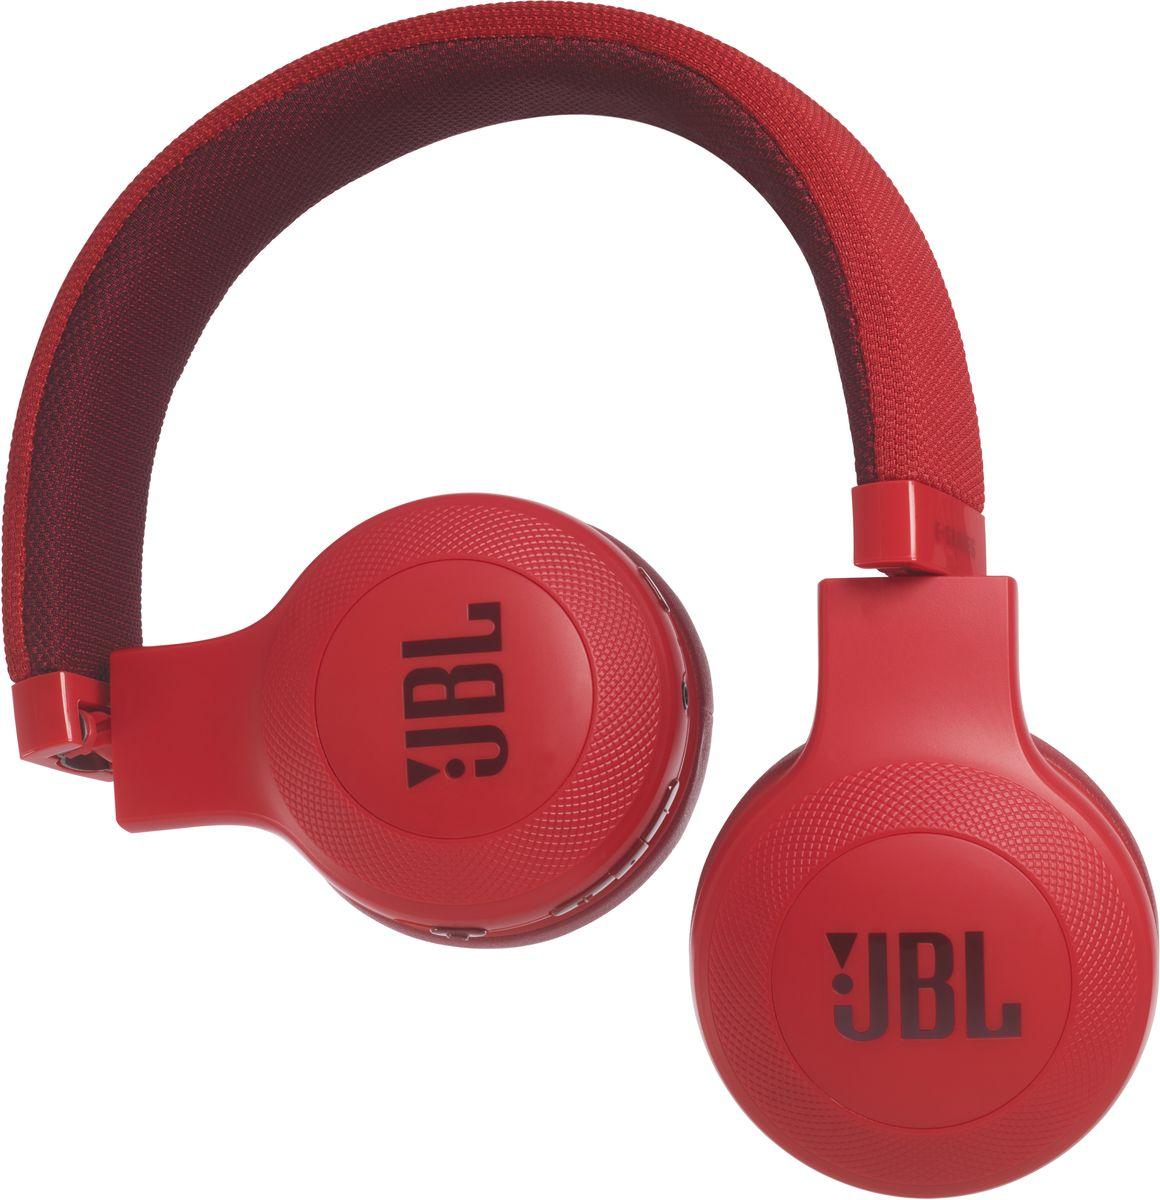 JBL E45BT, Red беспроводные наушникиJBLE45BTREDБеспроводные накладные наушники JBL E45BT доставят легендарный звук JBL прямо вам в уши. E45BT - одна из наиболее универсальных моделей, отличающаяся длительной работой от аккумулятора (до 16 часов), инновационным, стильным оголовьем с тканевой отделкой и эргономичным накладным дизайном. Это значит, что вы можете не расставаться с любимой музыкой и получать дополнительное удовольствие, где бы вы ни были - на работе, в транспорте или просто в городе. Вы можете с легкостью переключаться с прослушивания музыки на своем портативном устройстве на прием телефонного вызова, чтобы никогда не пропускать звонки. Благодаря элегантному внешнему виду, различным цветам и дополнительному удобству съемного кабеля с пультом управления и микрофоном вам никогда не захочется расставаться с наушниками E45BT. Они привнесут в вашу жизнь яркость и удовольствие.